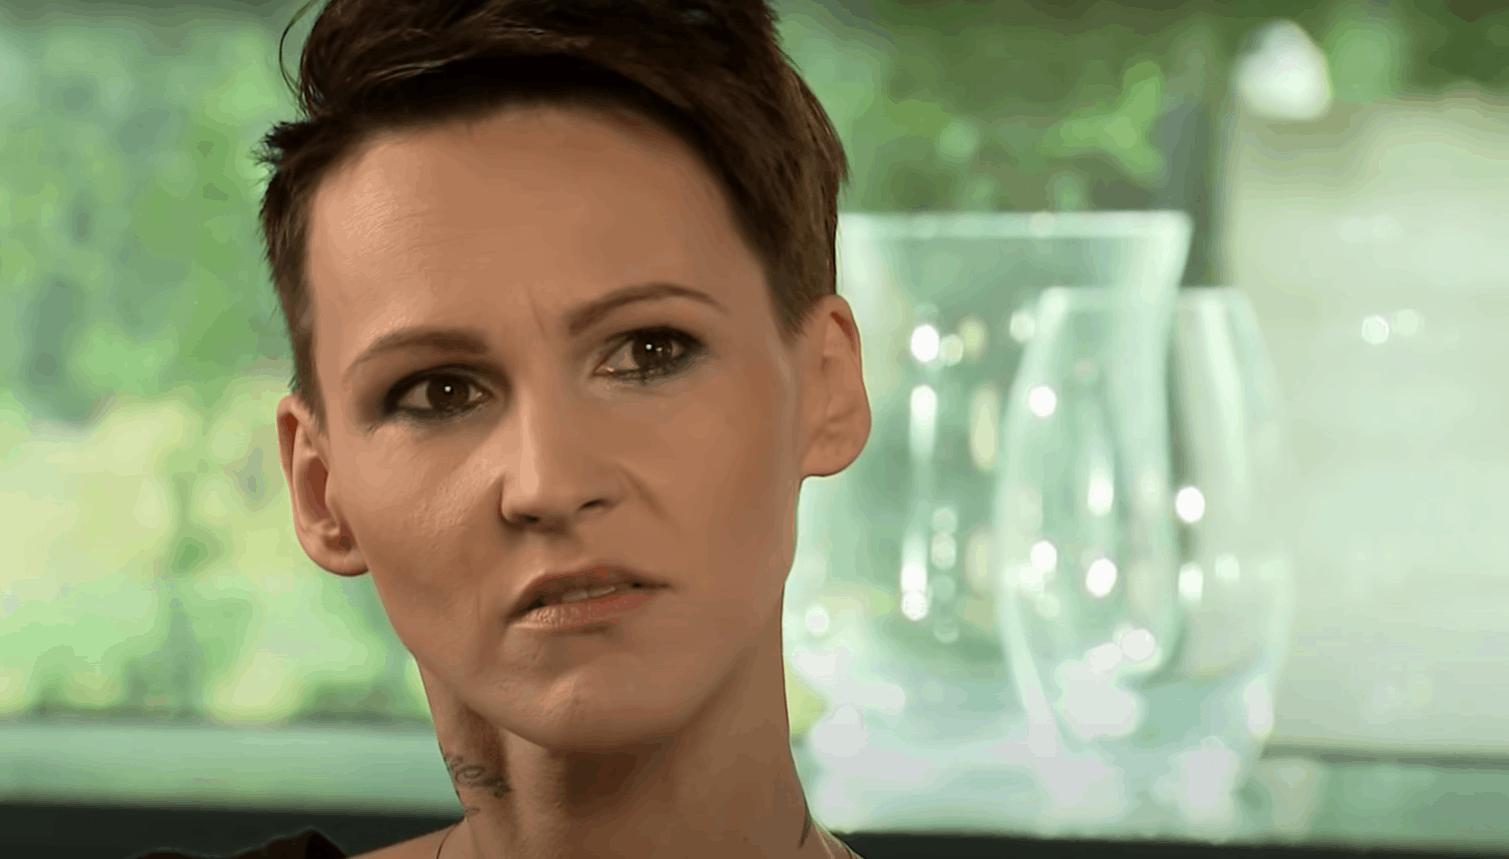 """Fani sądzą, że Agnieszka Chylińska (juror """"Mam talent"""" TVN) i jej mąż kończą związek i biorą rozwód, ale ile jest prawdy w tych spekulacjach?"""